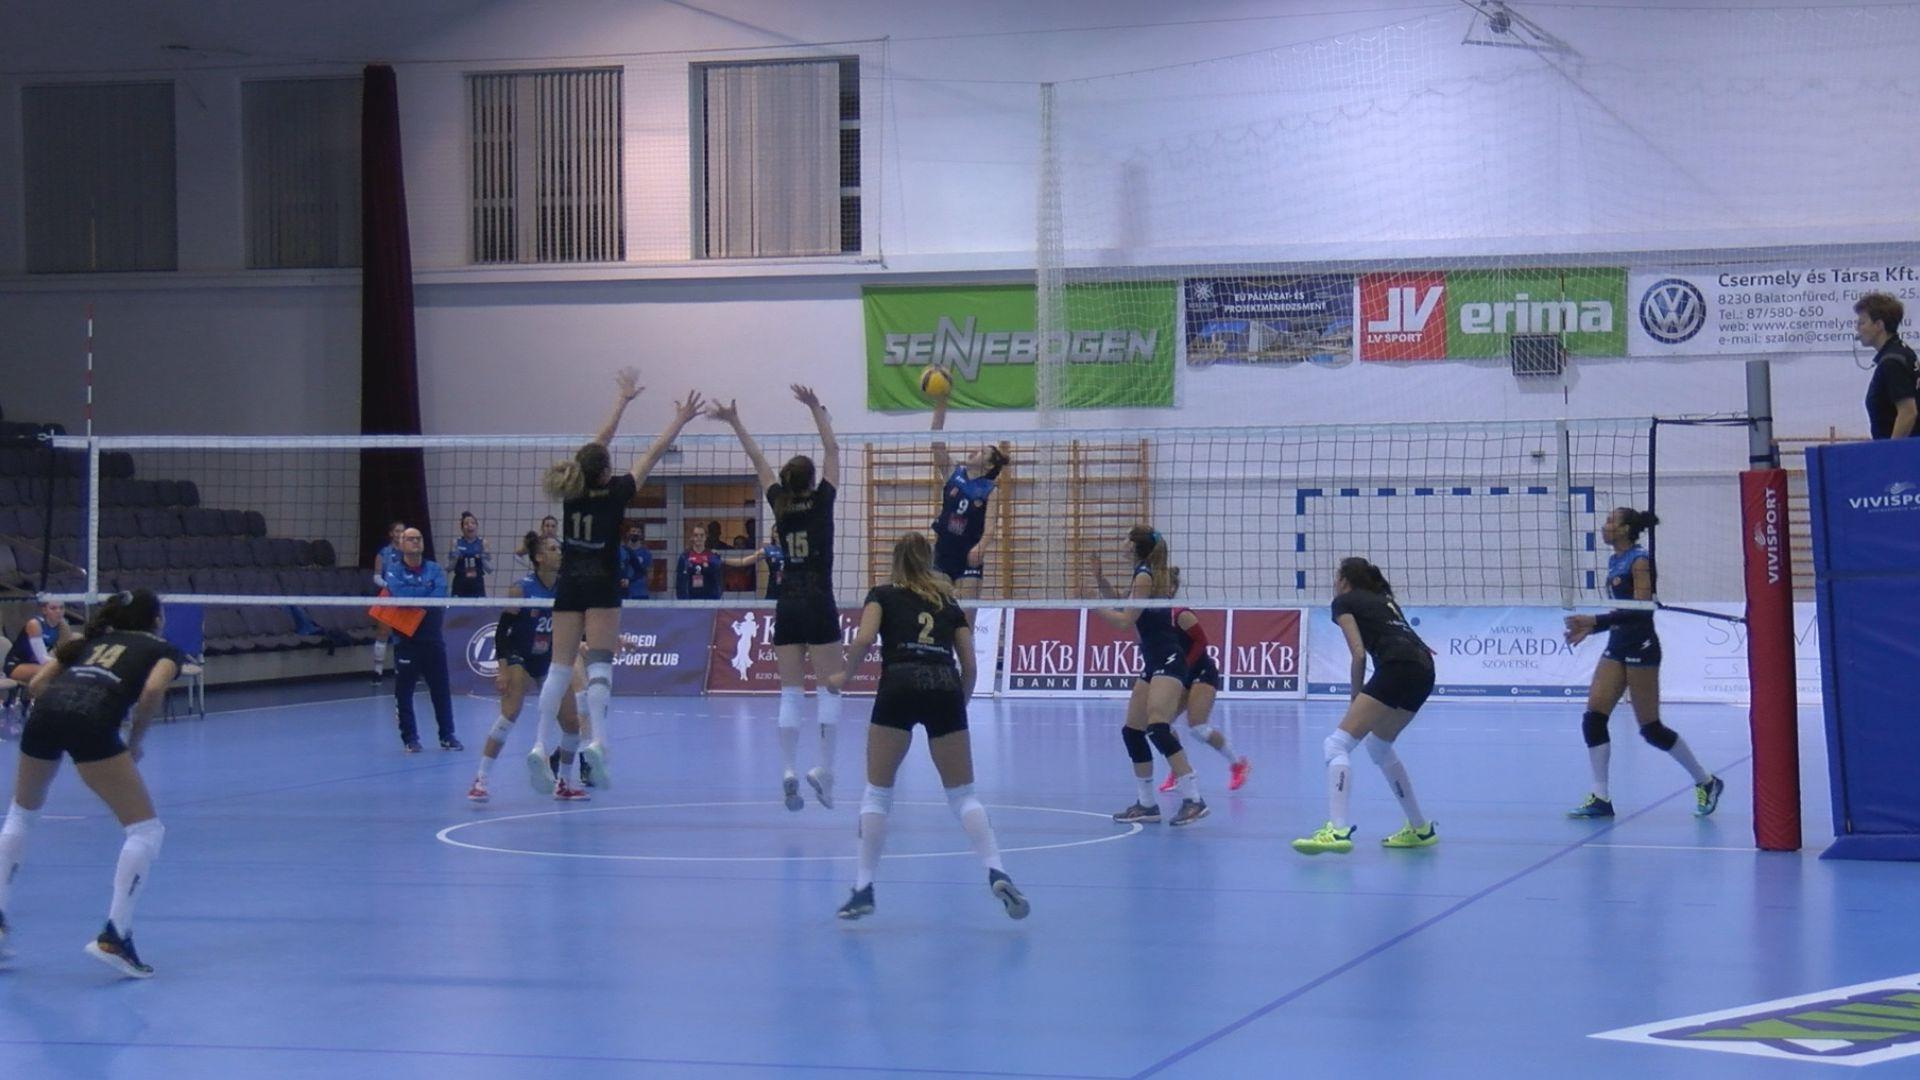 Szent Benedek Röplabda Akadémia - Békéscsaba női röplabda mérkőzés